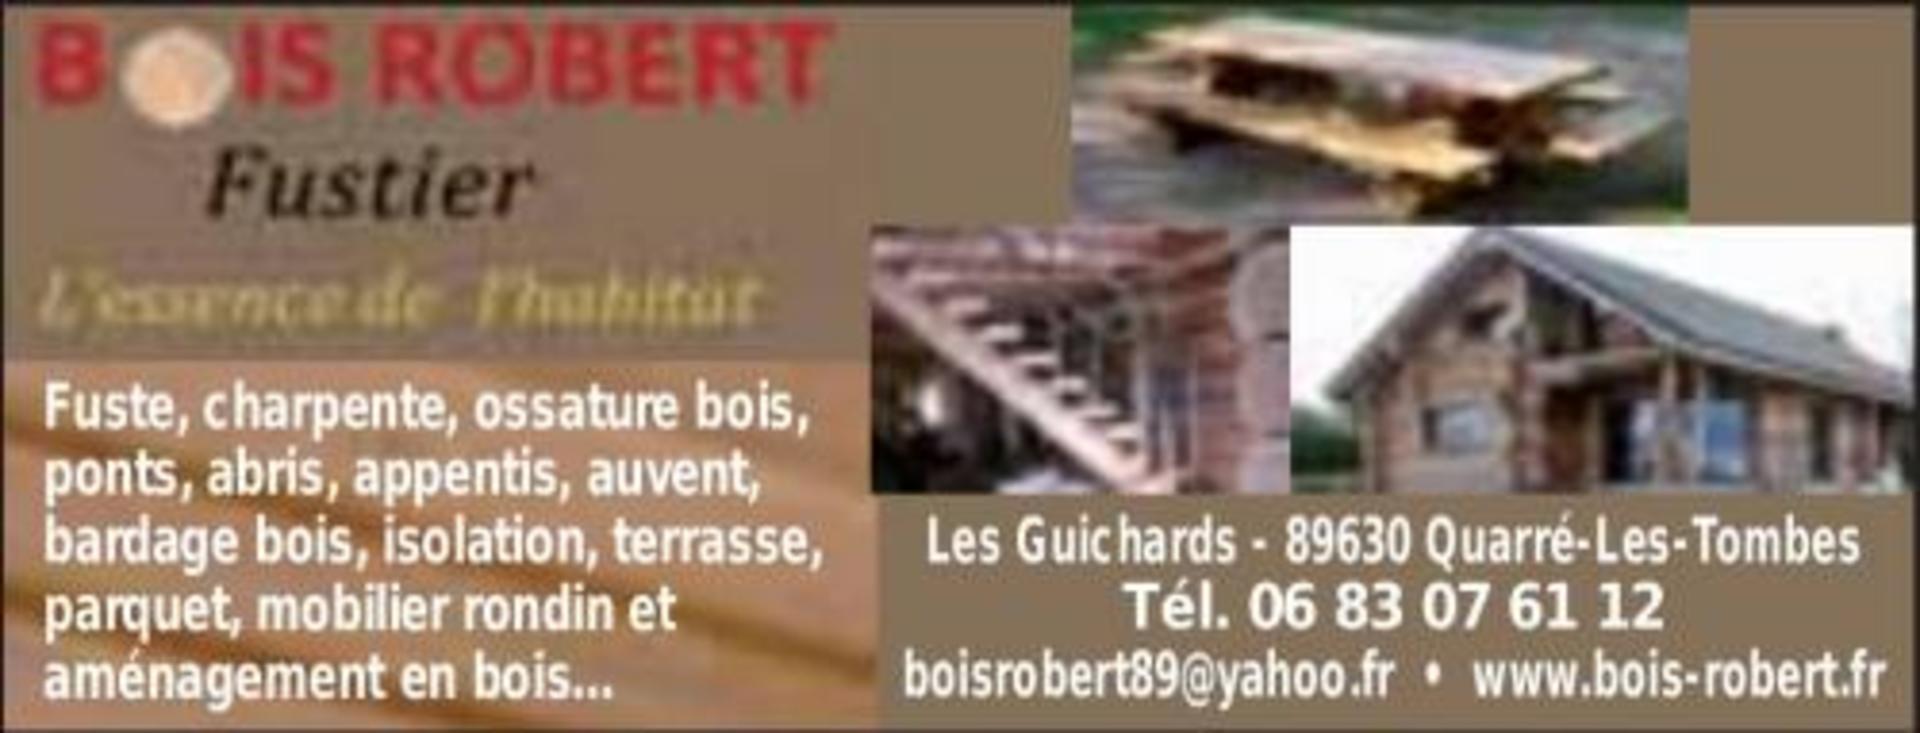 Bois robert